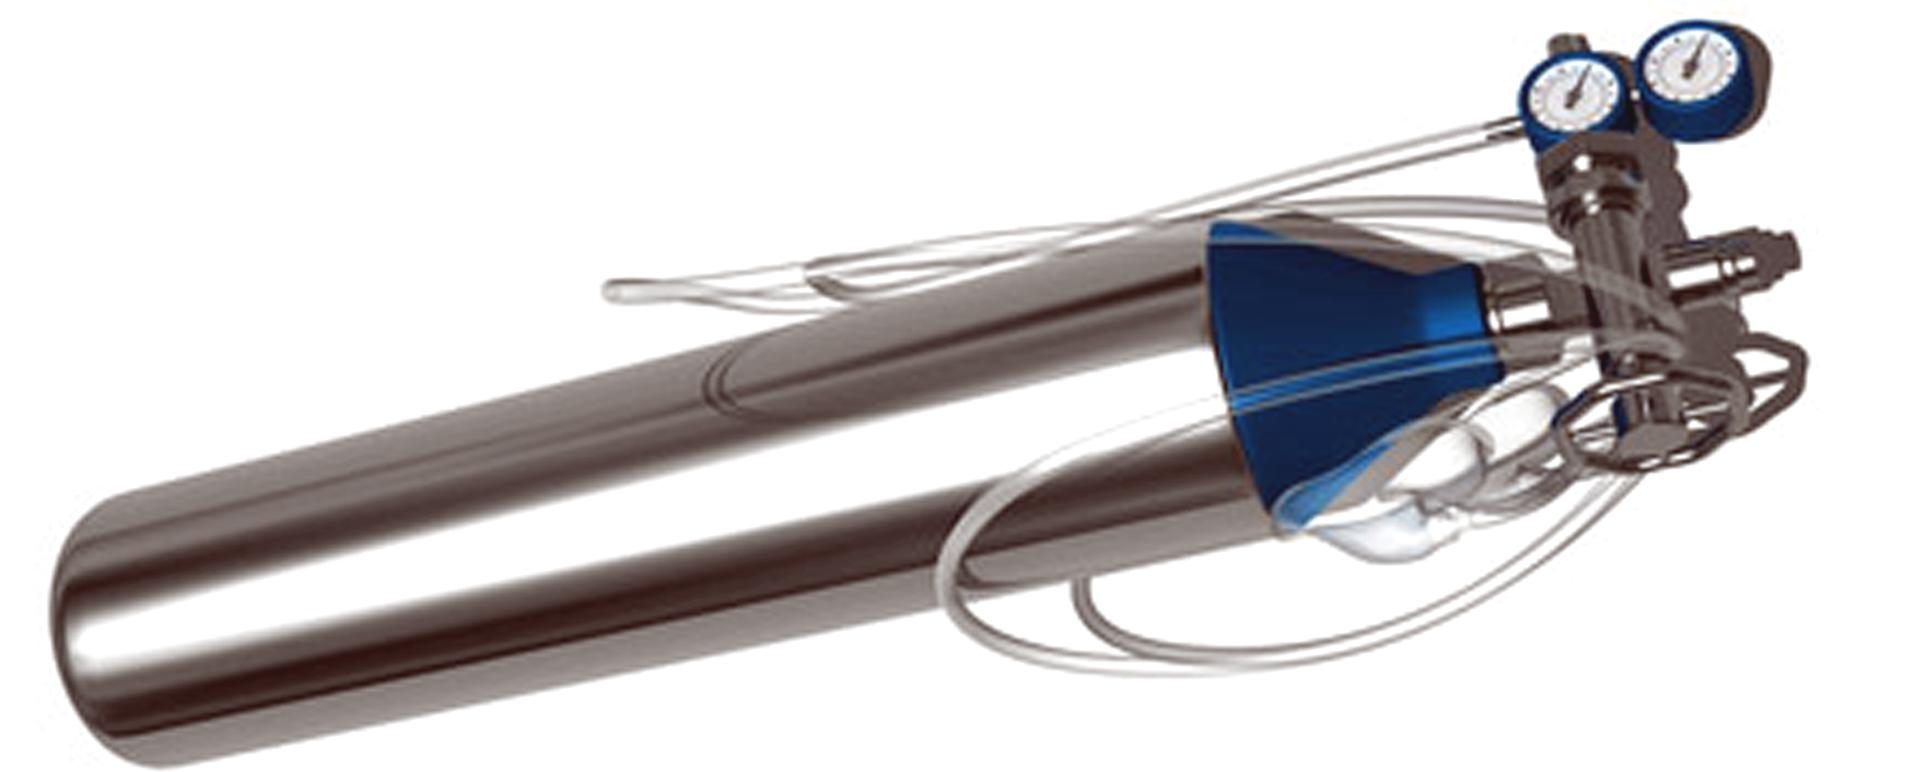 Інструкція з експлуатації кисневих балонів в медичних установах.